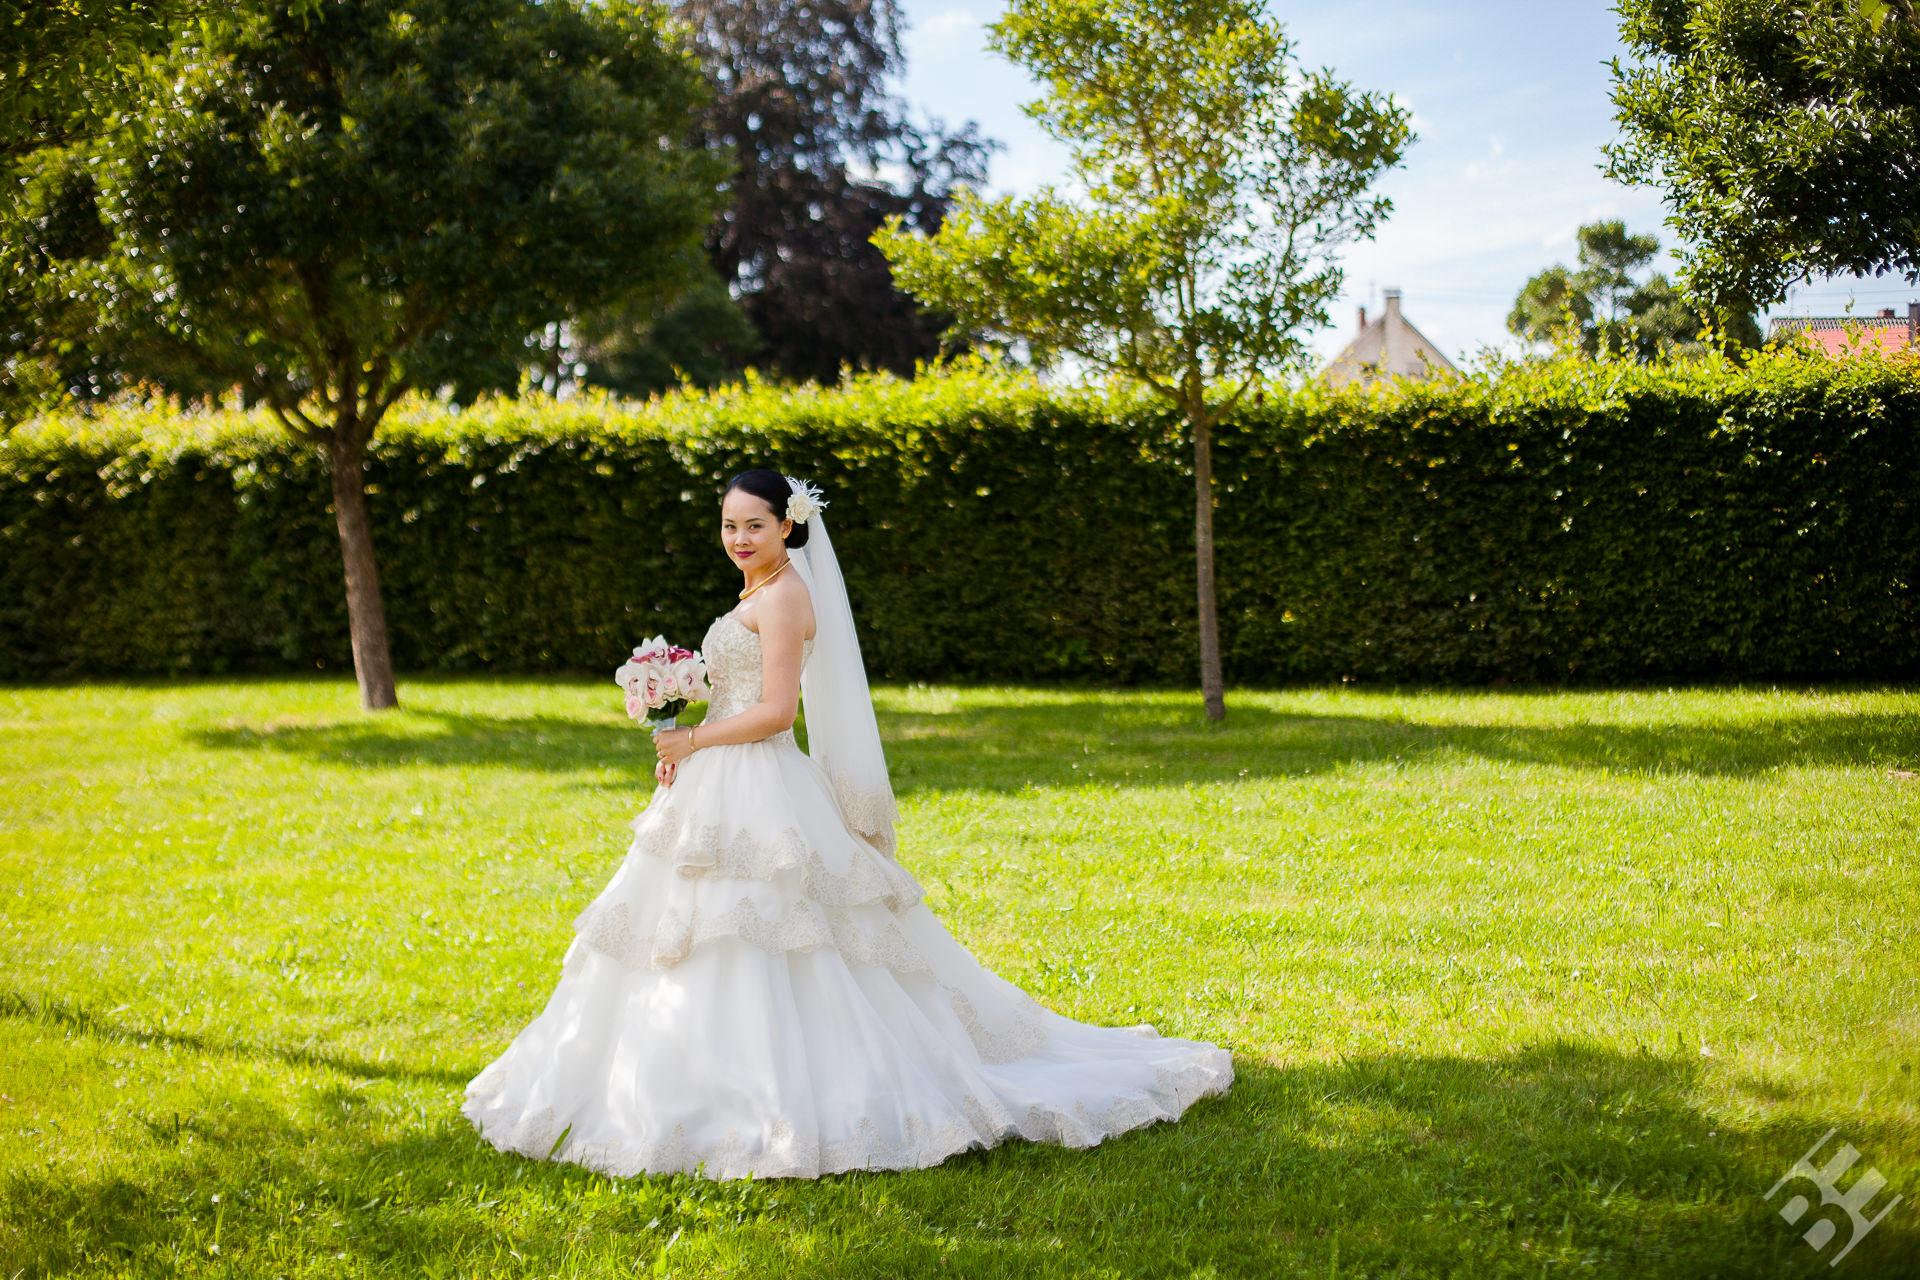 Hochzeit_66_IMG_9631_Volen_Evtimov